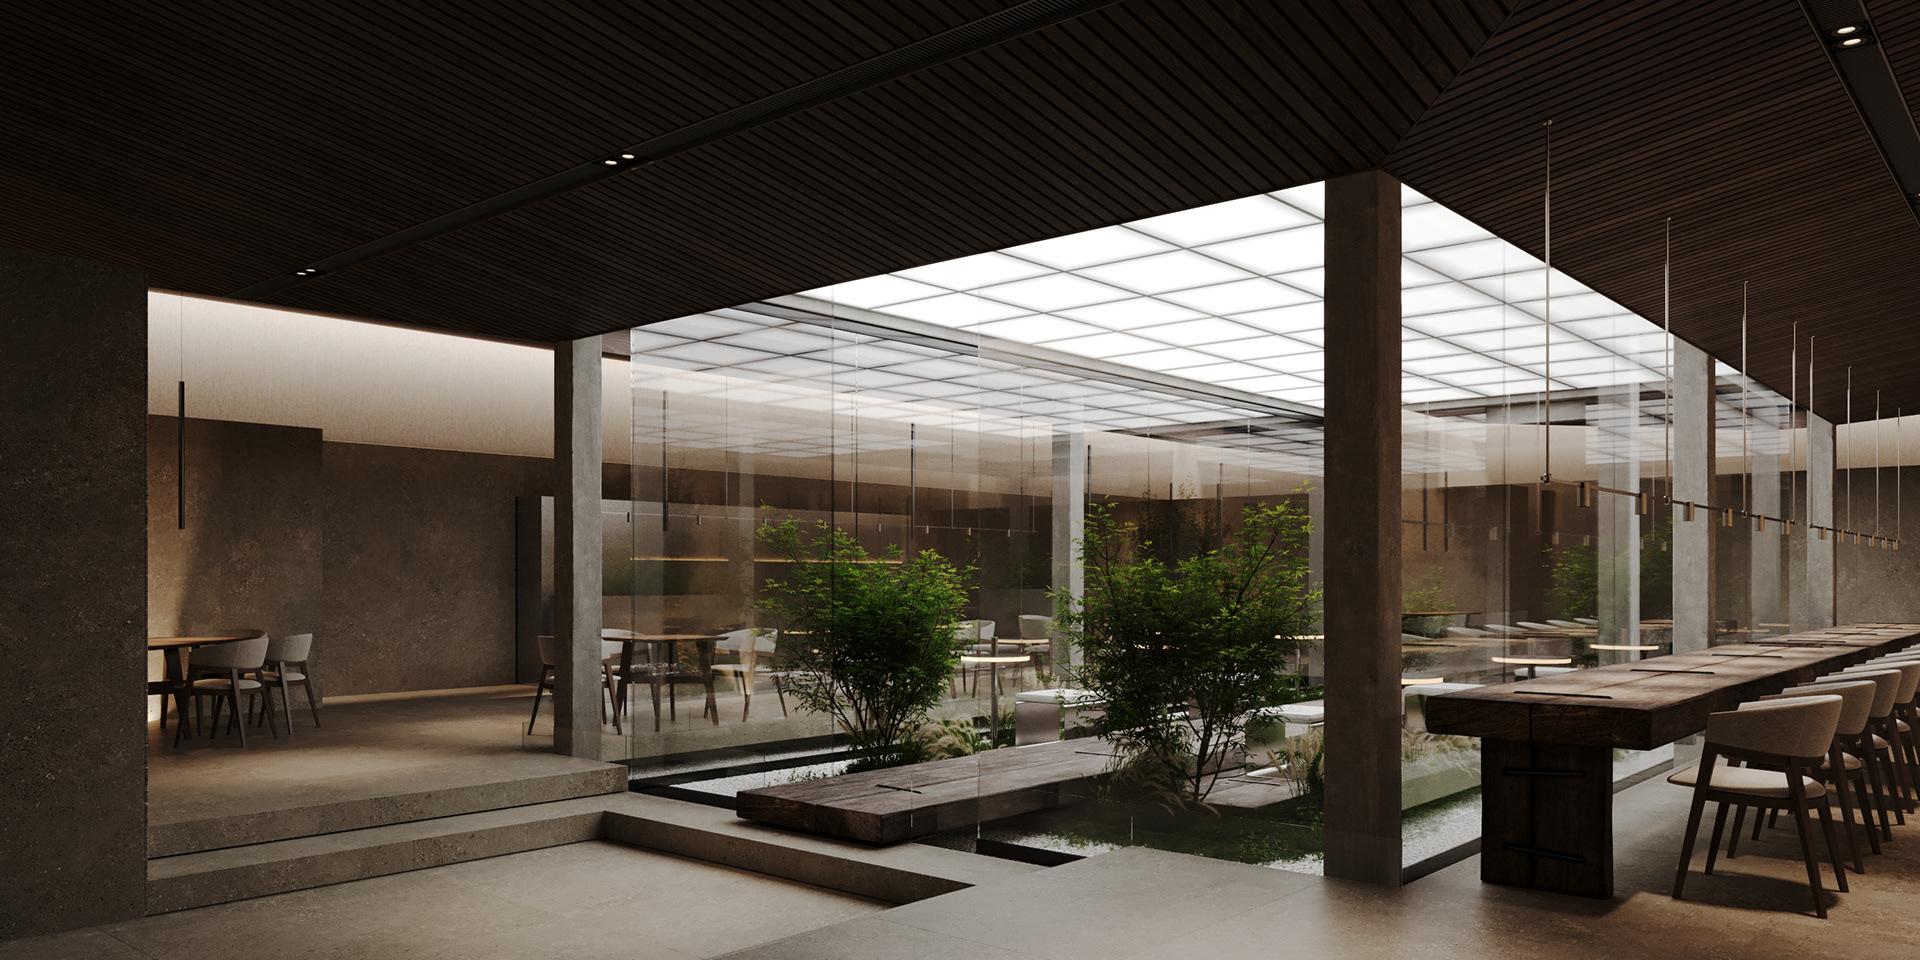 дизайн пространства ресторана